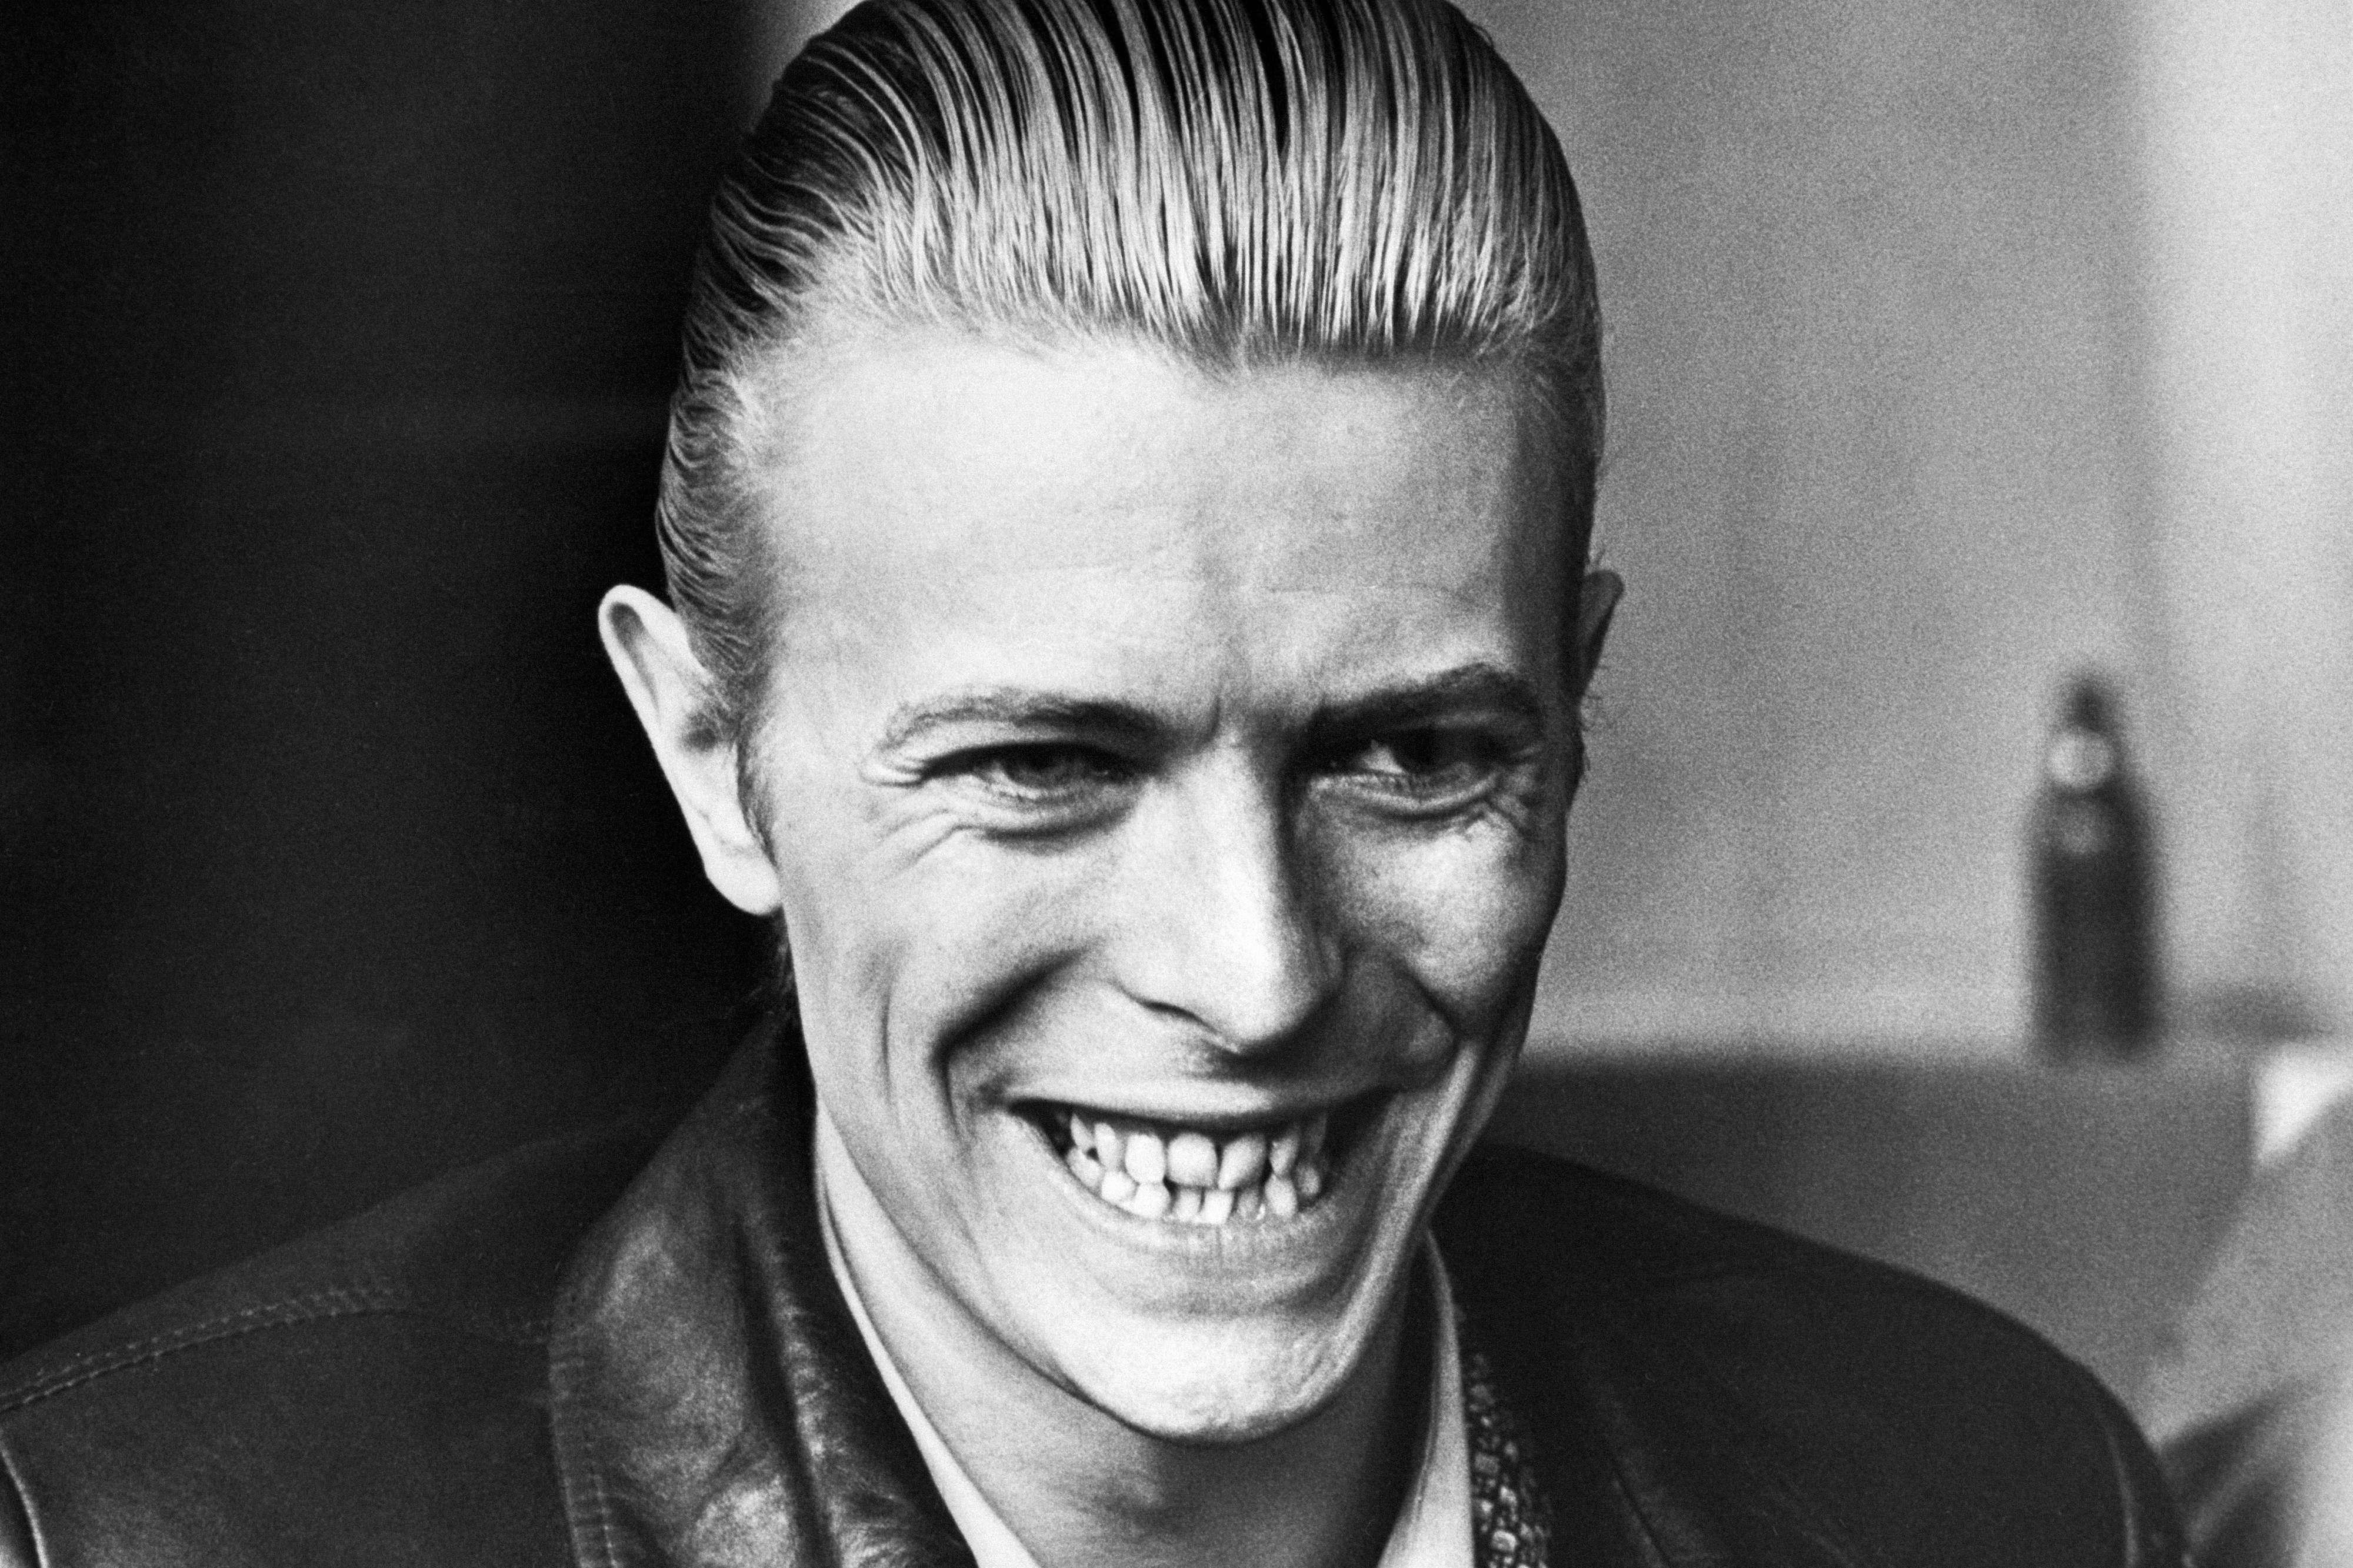 David Bowie, en 1976, à Helsinki, en Finlance. Cette année-là, l'artiste sort son album «Station to Station», aux sonorités soul et funk, dans lequel il interprète le personnage élégant de Thin White Duke, à l'esthétique sobre. A cette époque, David Bowie se drogue énormément, si bien qu'il assure ne pas se souvenir de l'enregistrement de l'album.